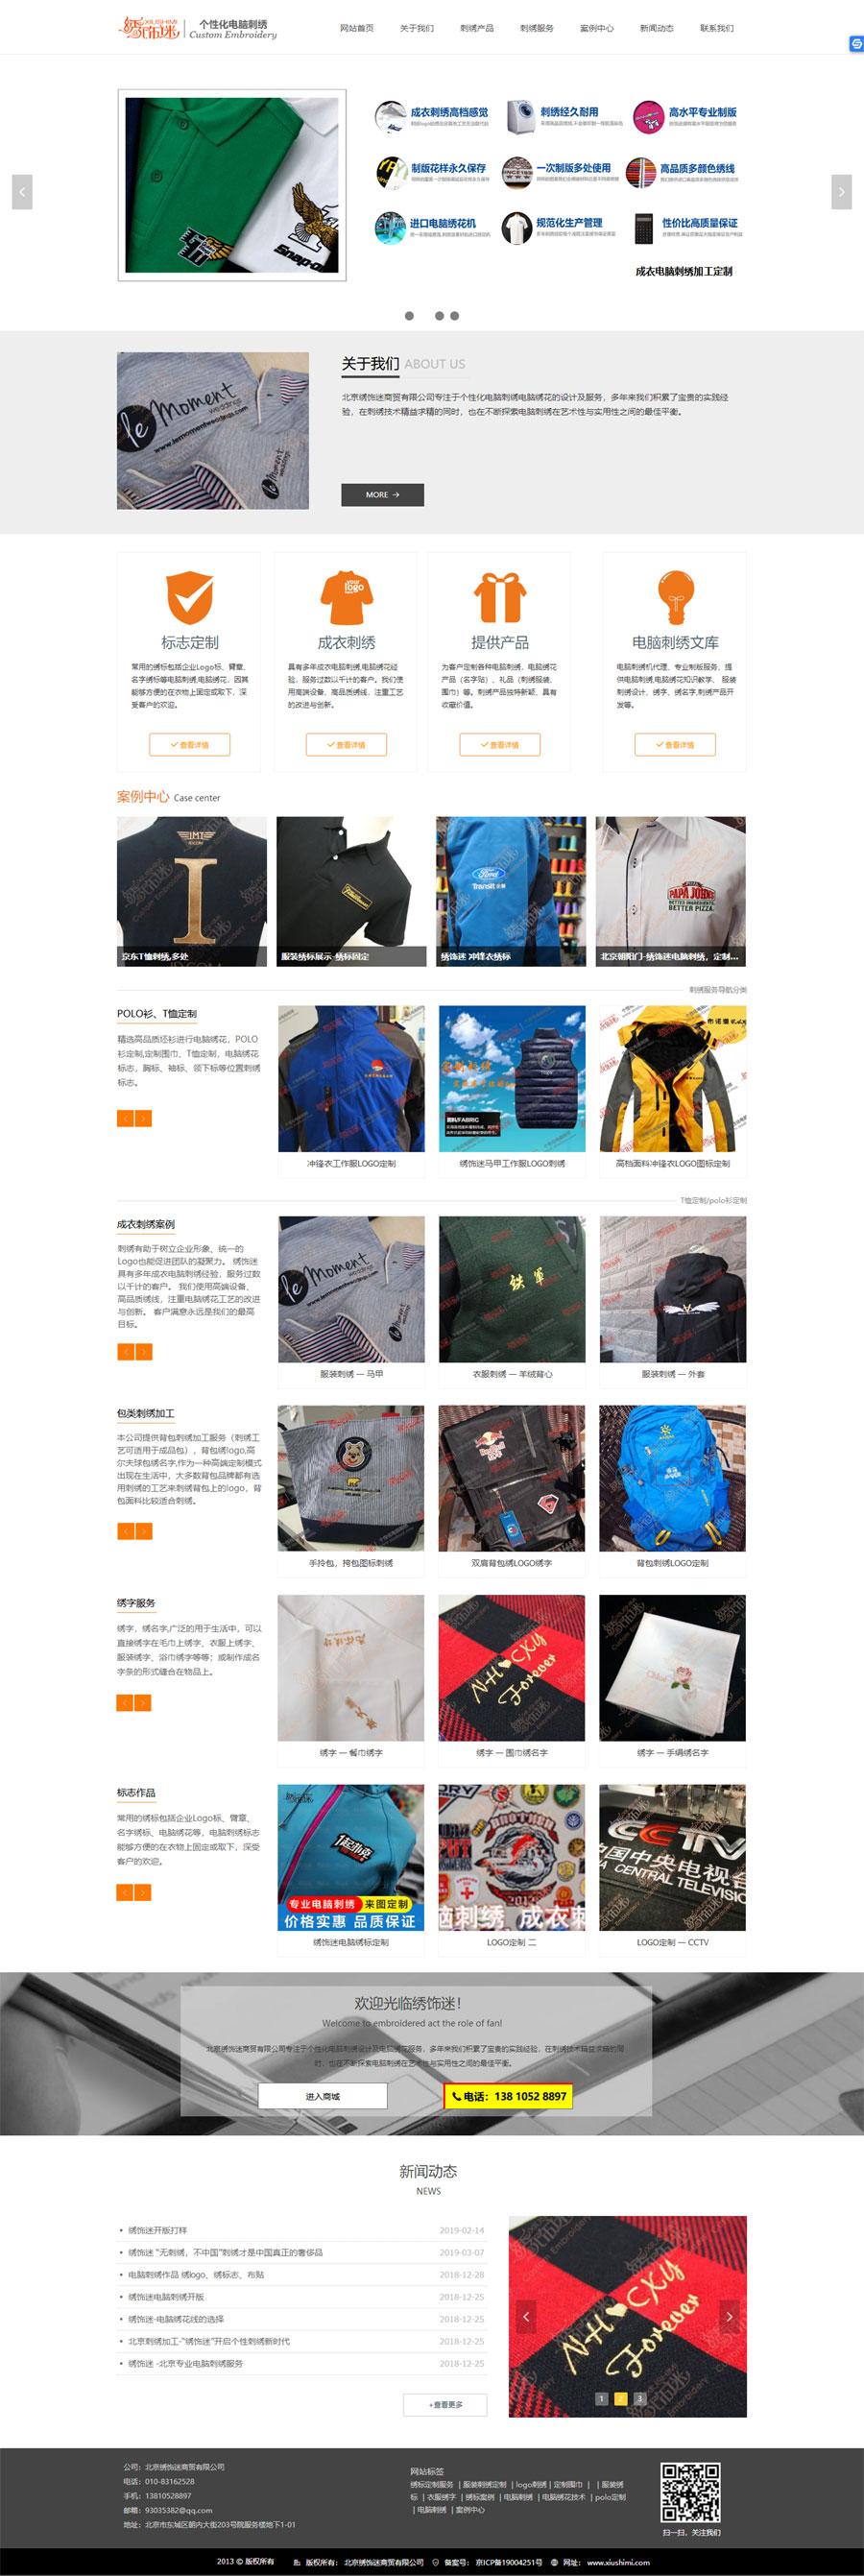 绣饰迷商贸网站由云建站SAAS完成设计制作-效率快成本低